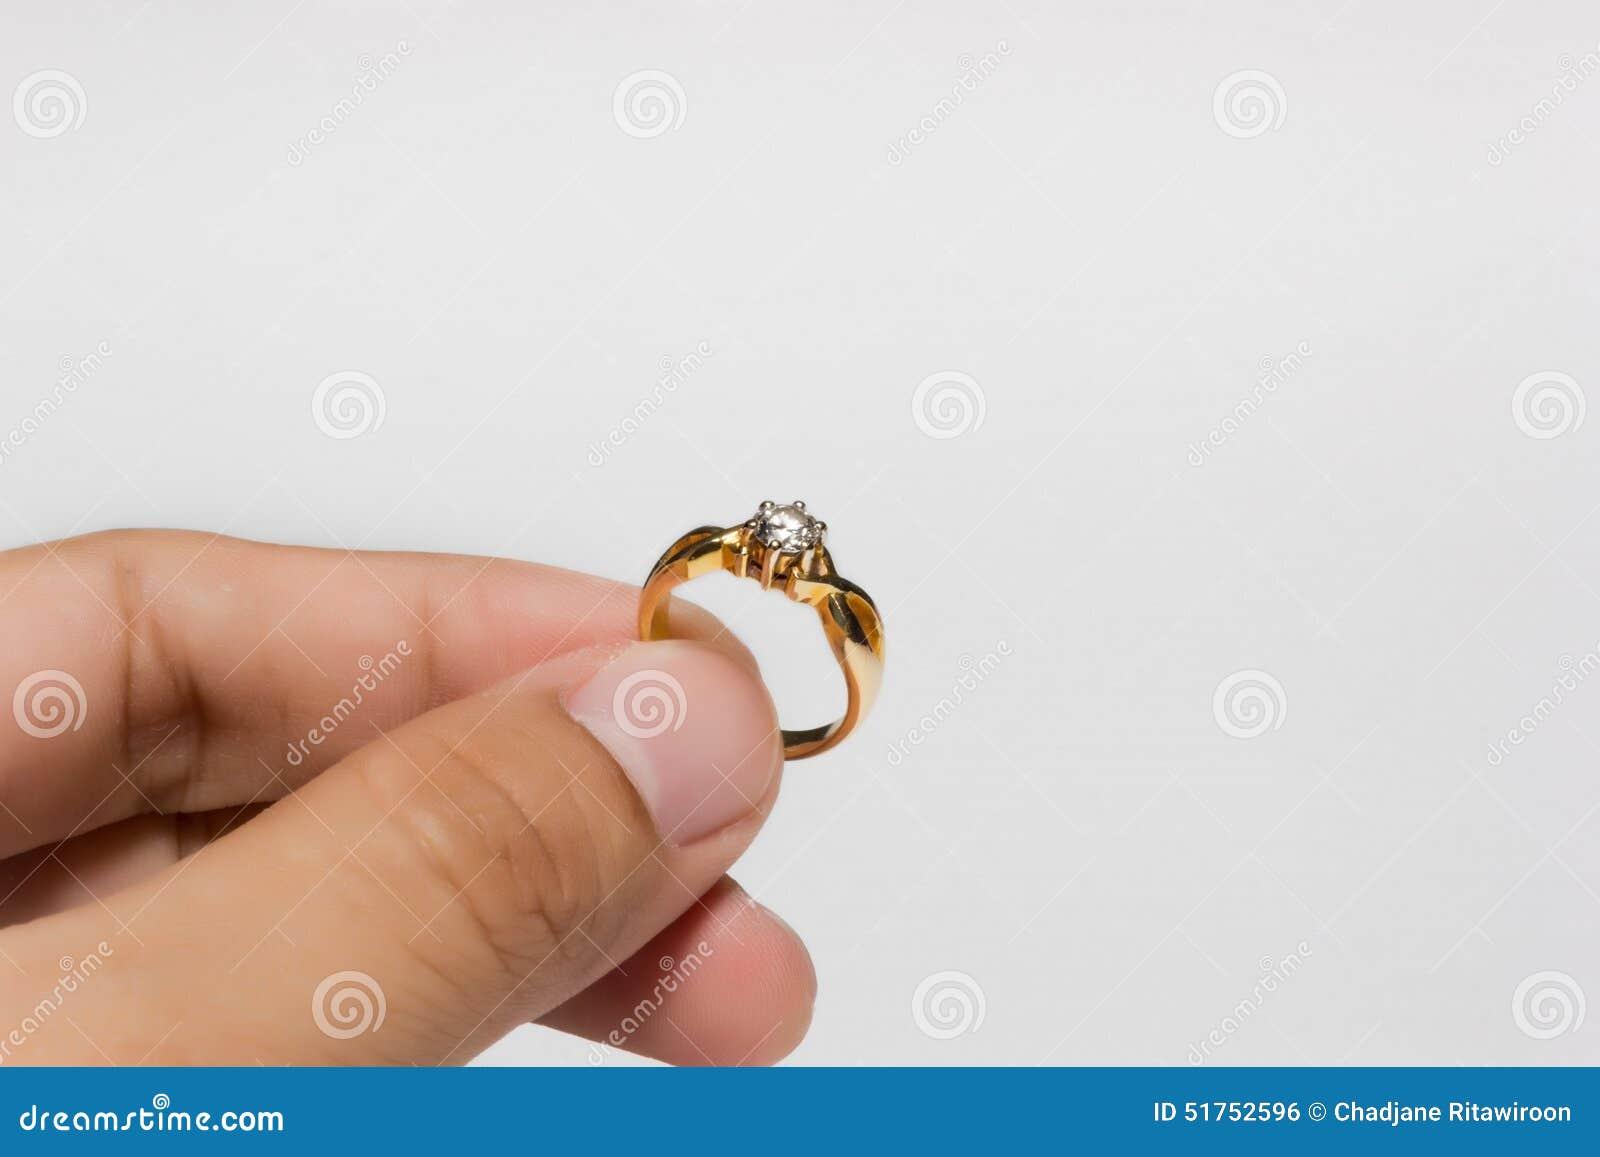 красивые кольца с бриллиантами  на руке